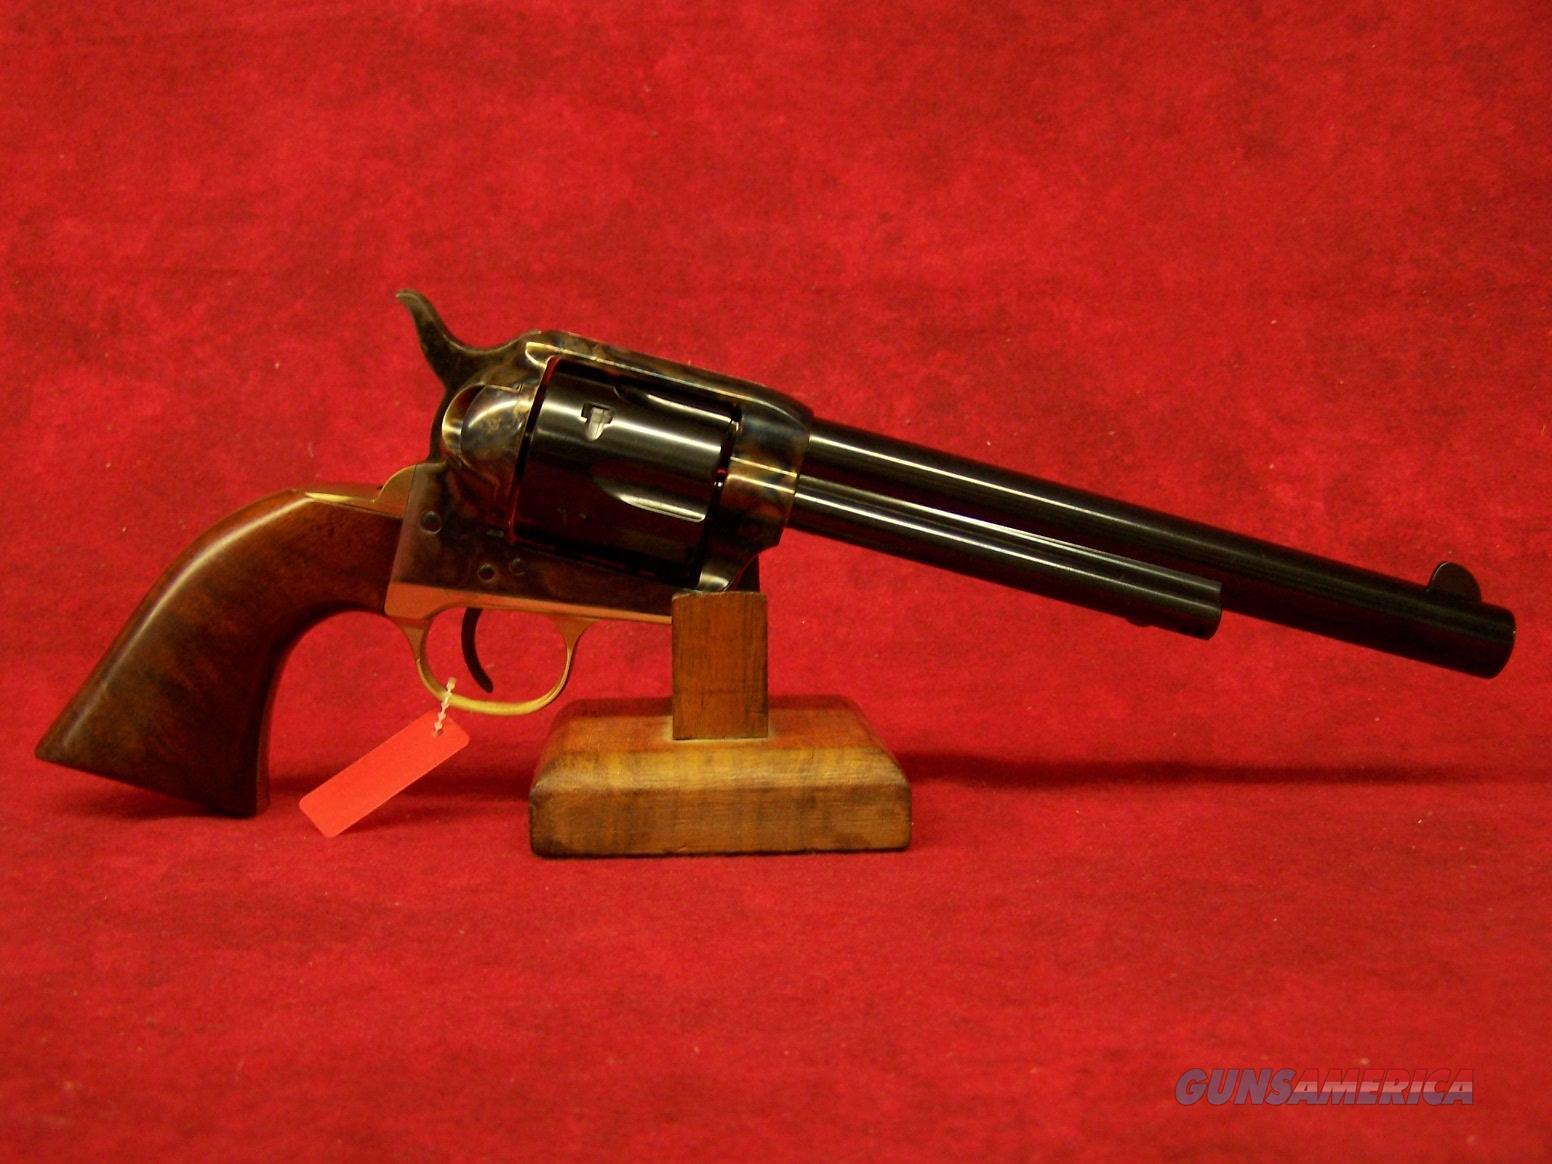 """Uberti 1873 Cattleman II Brass  .357 Mag 7 1/2"""" Case Hardened Frame, Brass B/S and T/G (356250)  Guns > Pistols > Uberti Pistols > Ctg."""